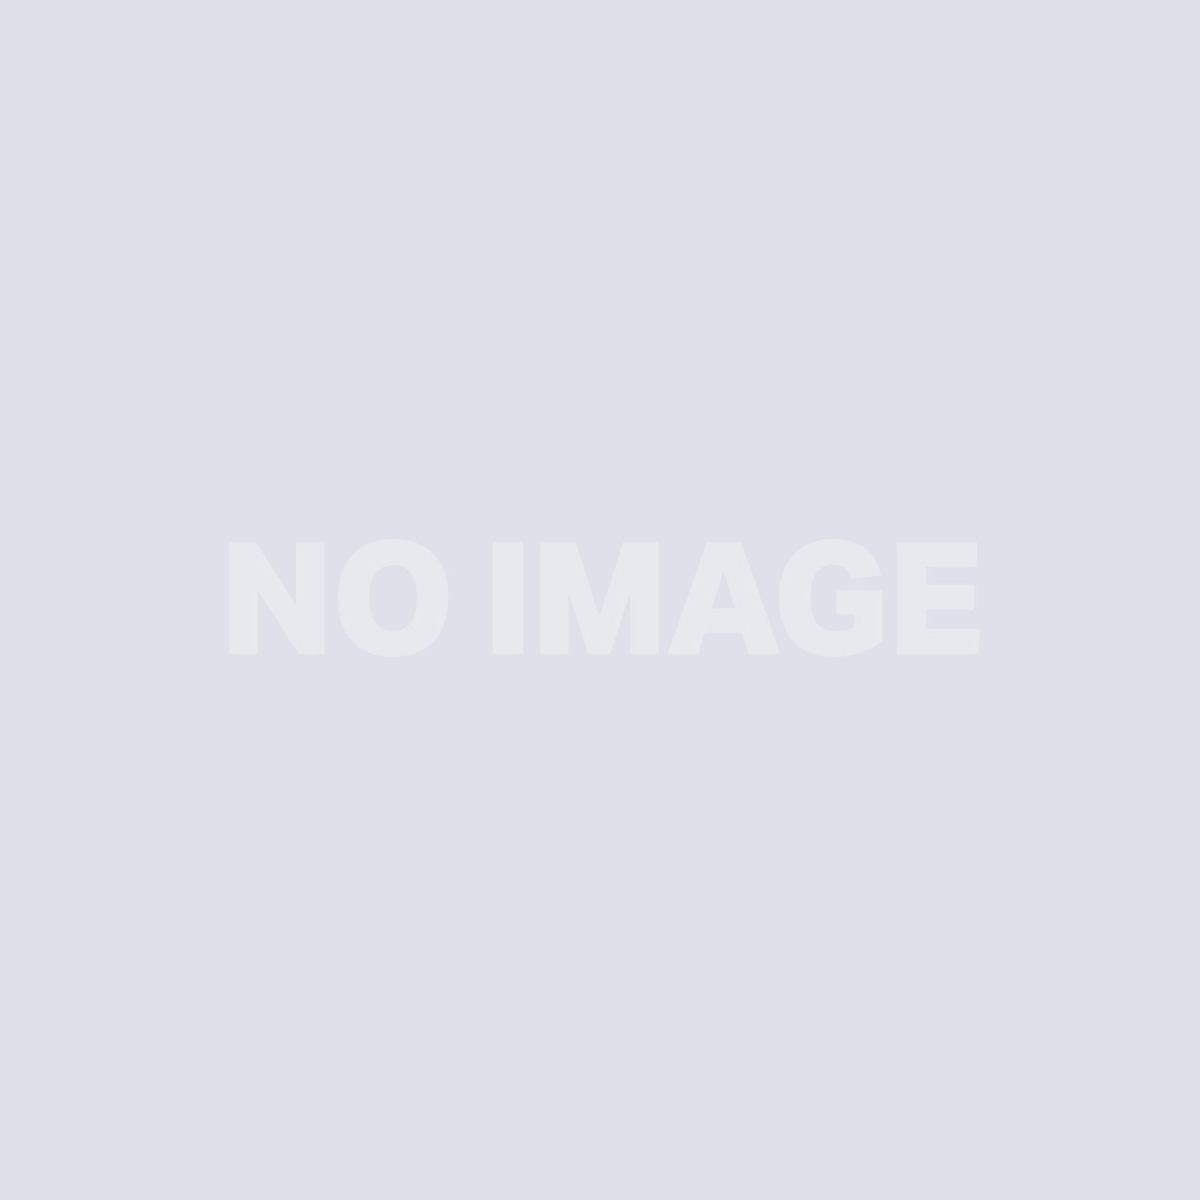 80/24 Black Polyamide Single Bolt Swivel Castor & Brake